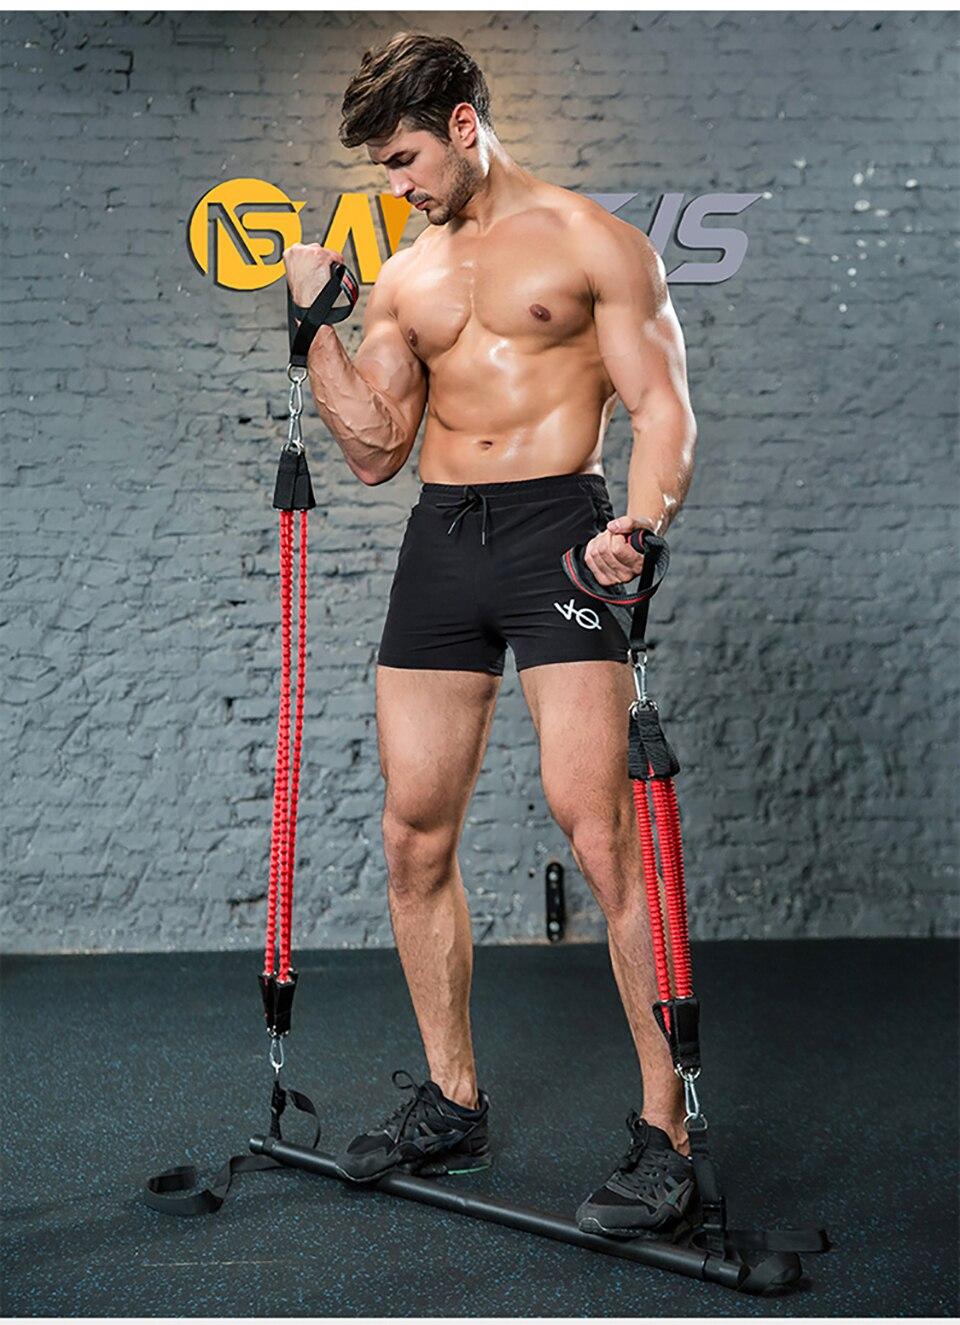 de ginástica para crossfit, musculação, fitness, exercícios, agachamento, artefato